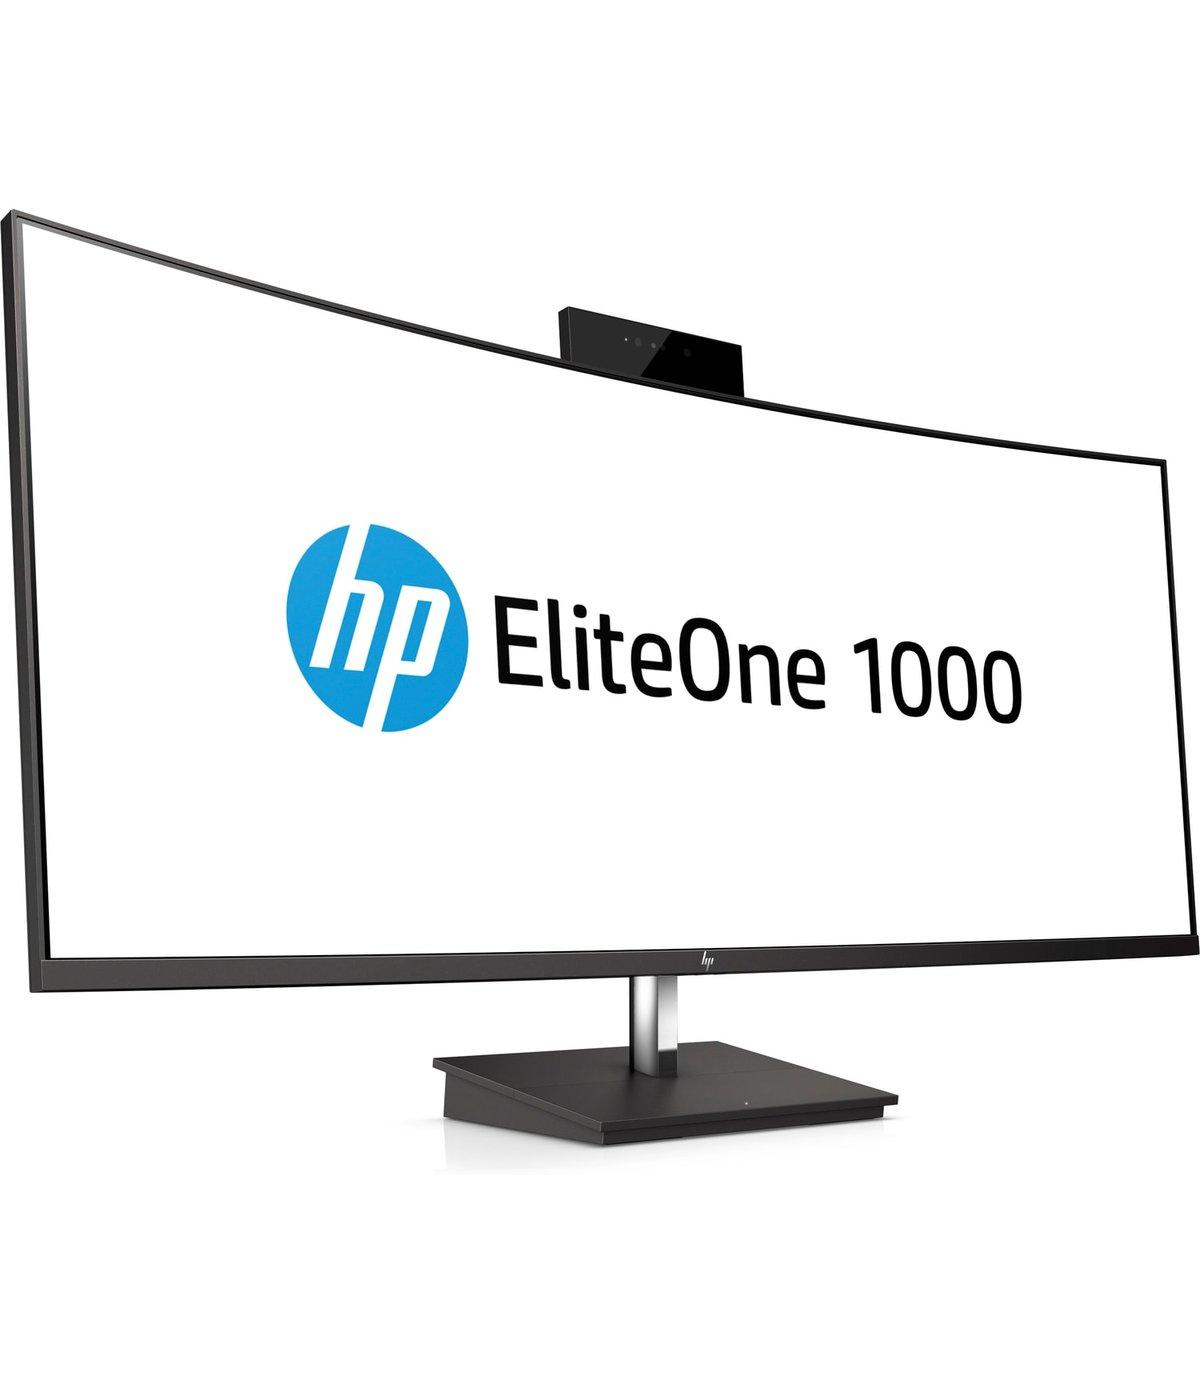 diapositive 2 sur 3,agrandir l'image, pc professionnel tout-en-un hp eliteone 1000 g2 34 pouces, incurvé